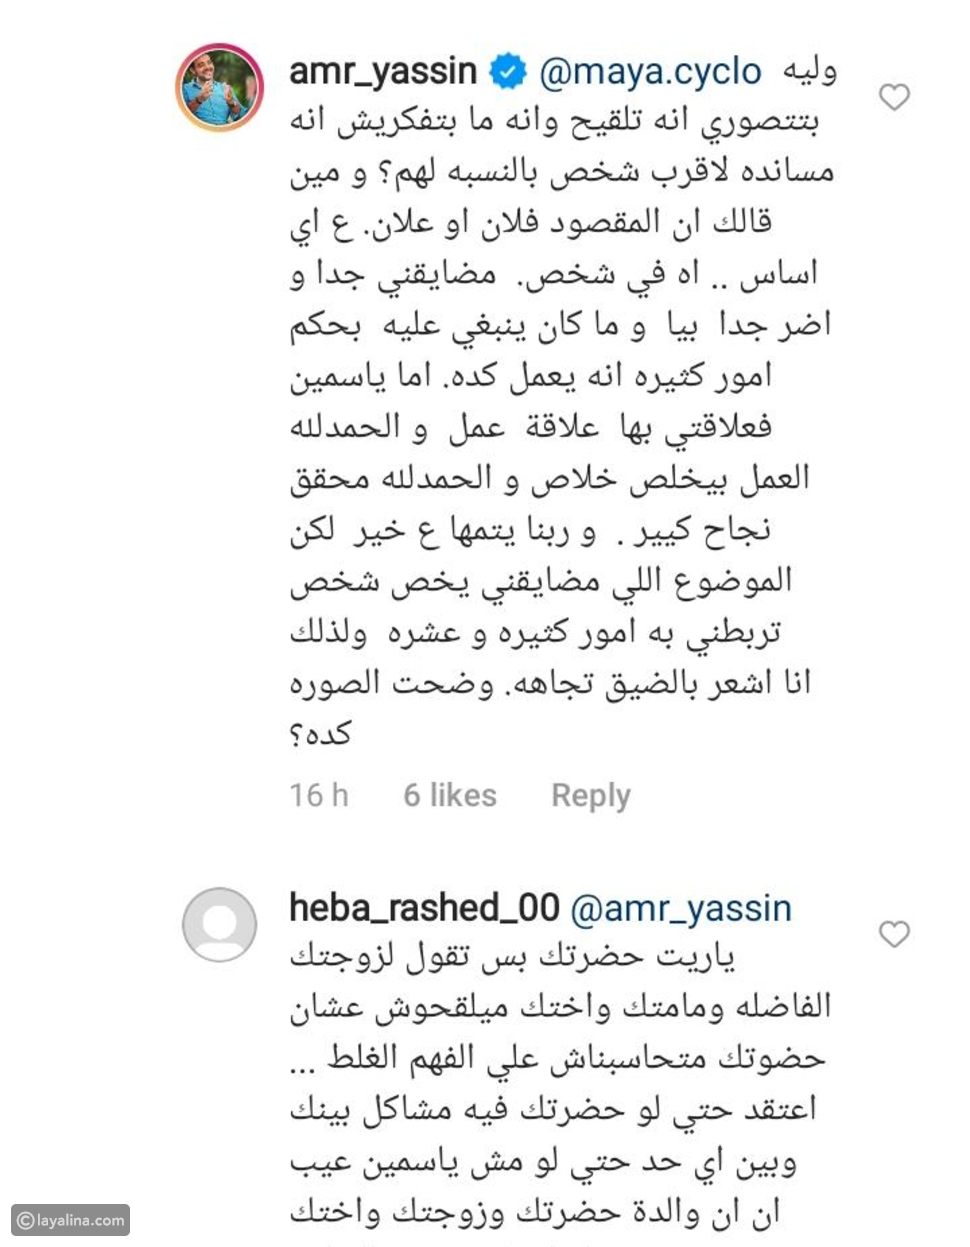 أزمة اللي مالوش كبير تغضب محبي ياسمين عبد العزيز وعمرو ياسين: مقصدهاش